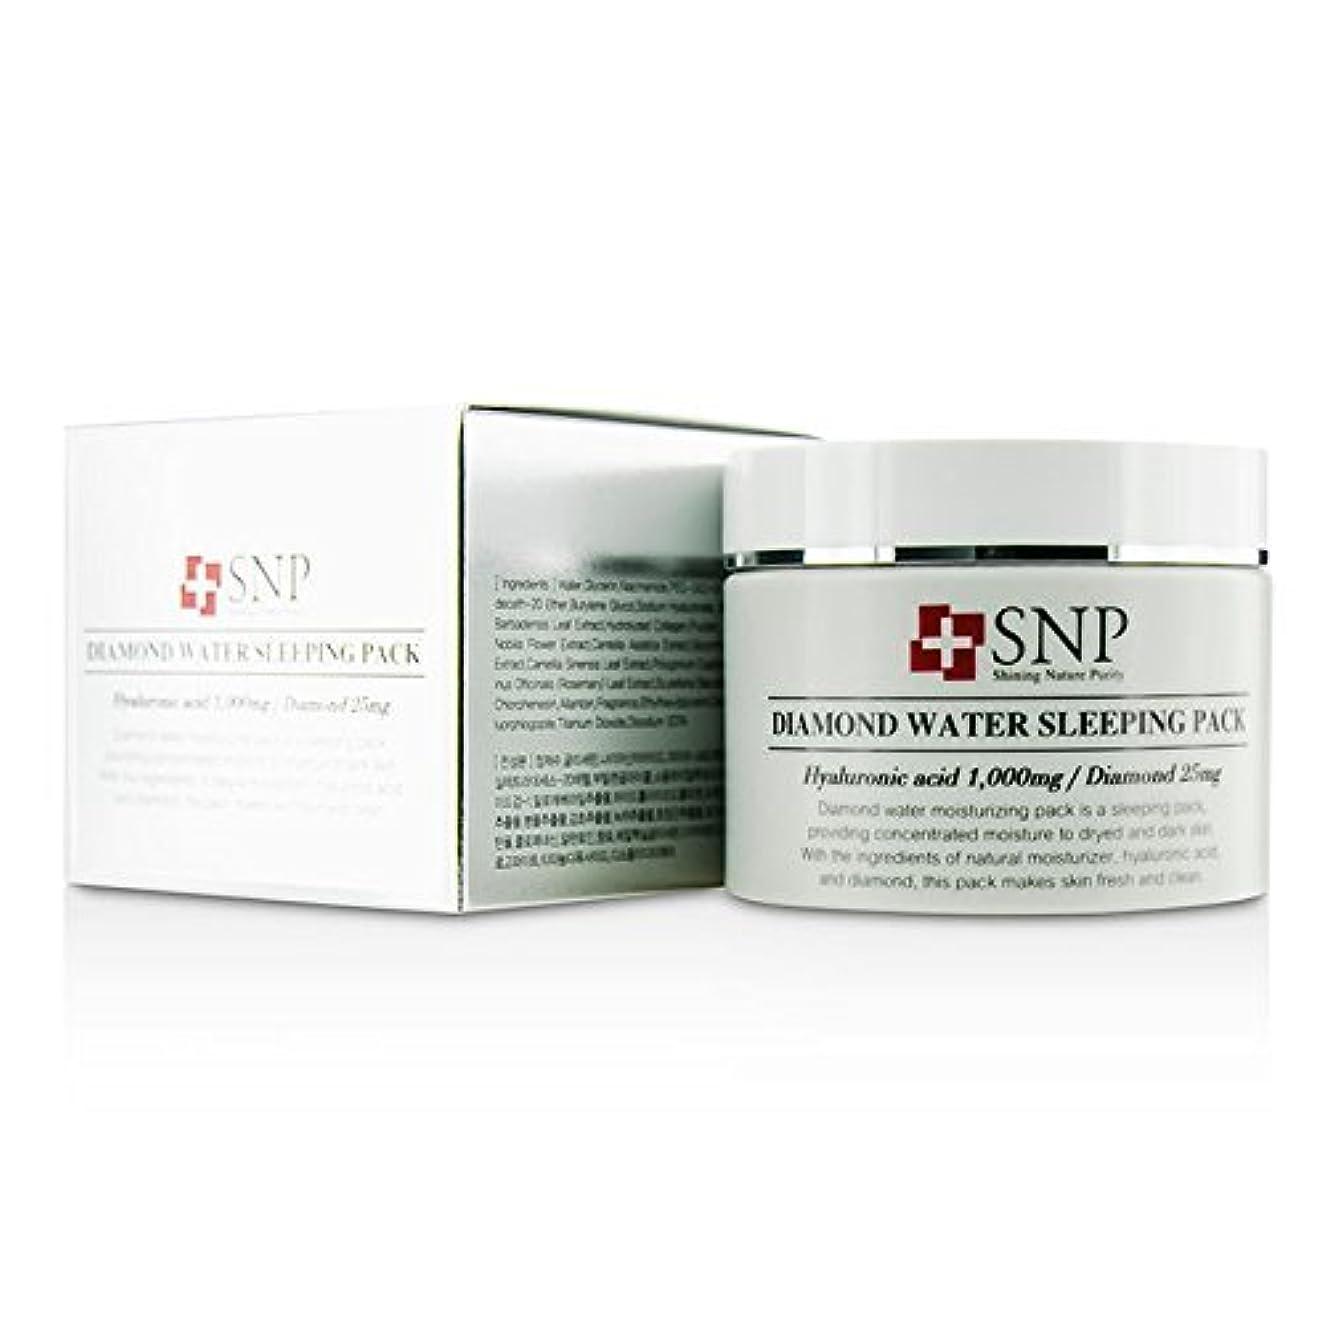 ランチョントレーダーパスSNP Diamond Water Sleeping Pack - Moisturizing 100g/3.5oz [並行輸入品]